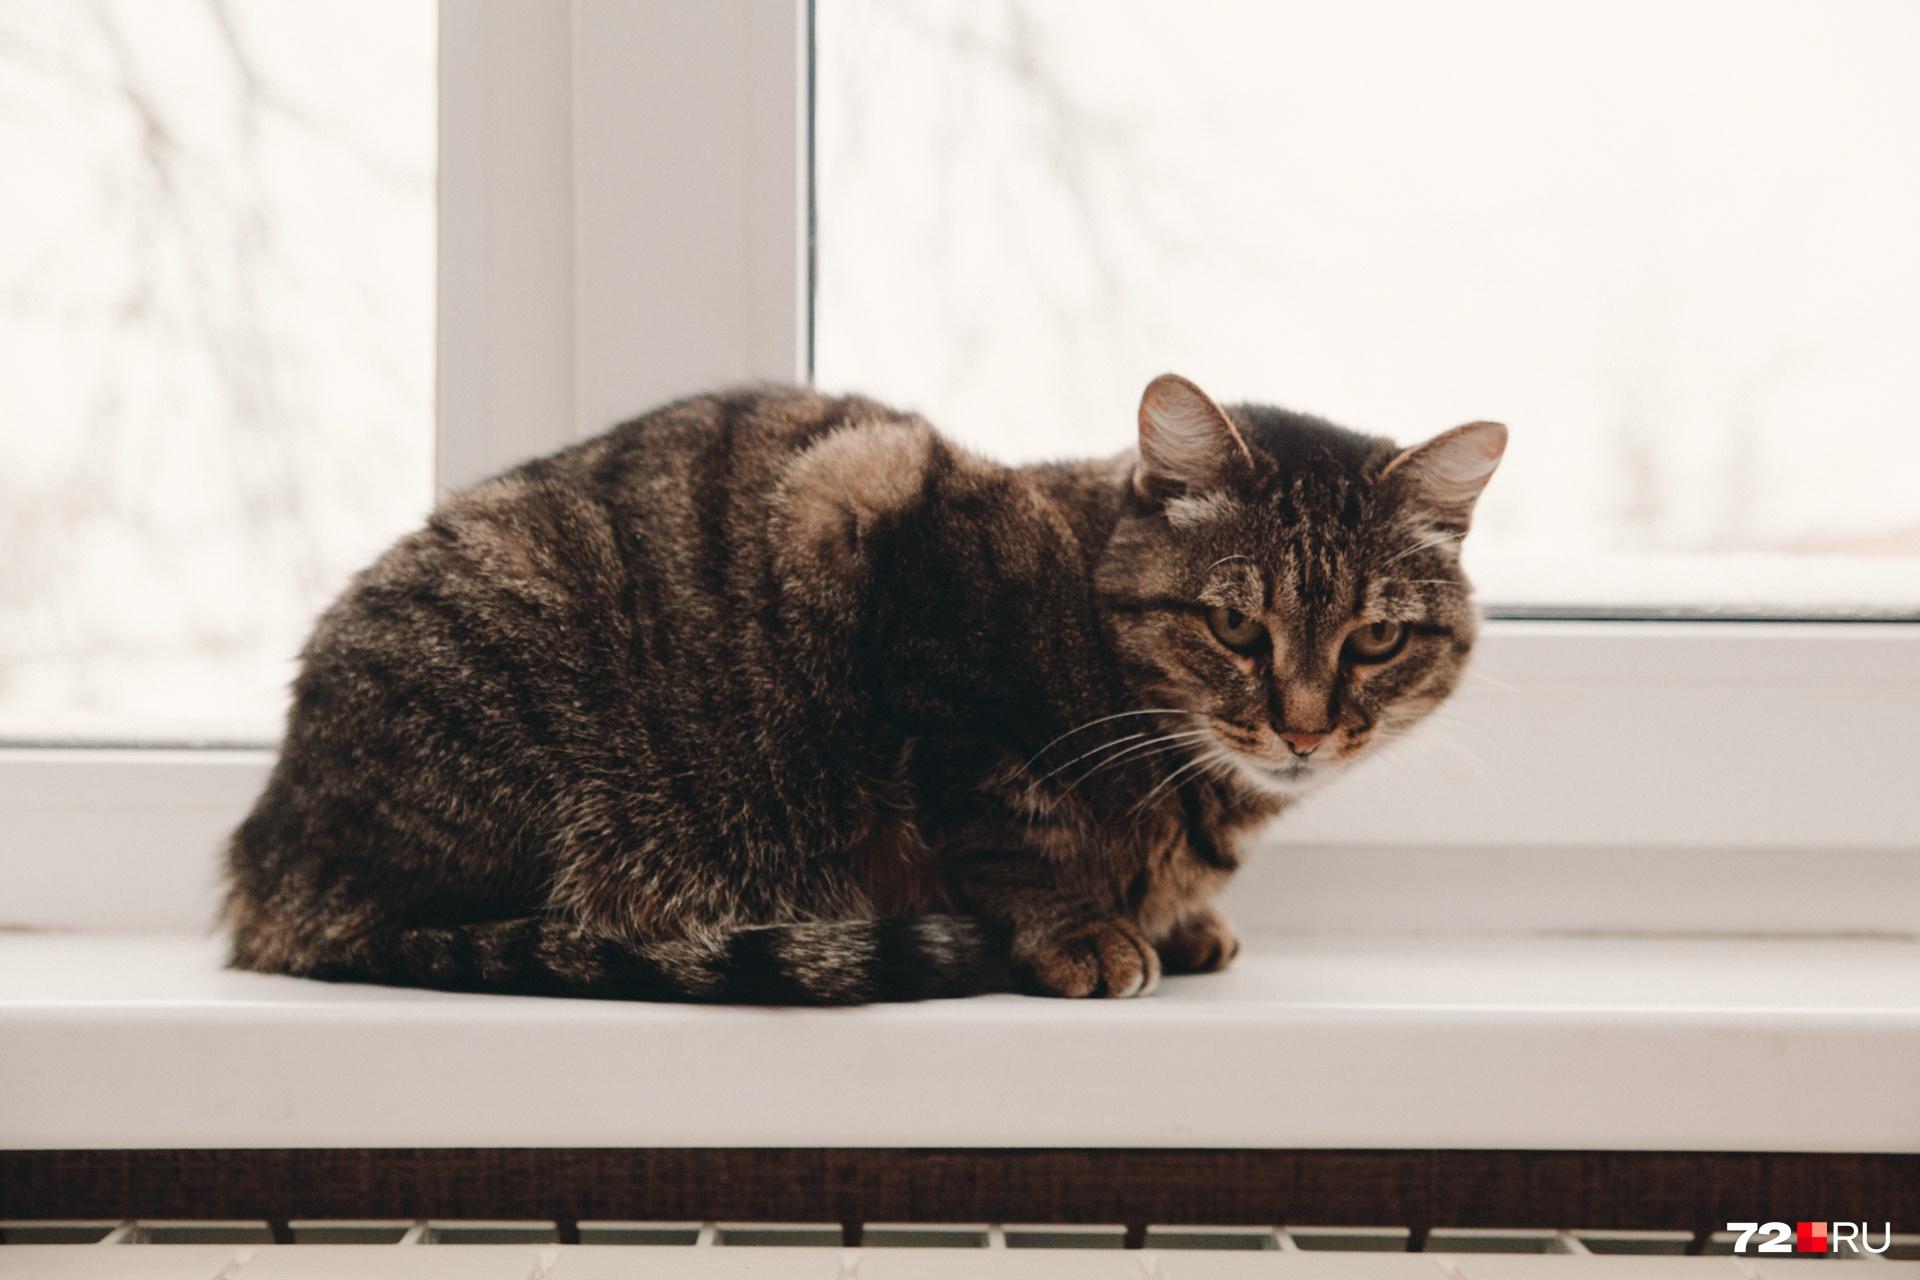 Кошка немного в шоке, что в дом пришло столько гостей